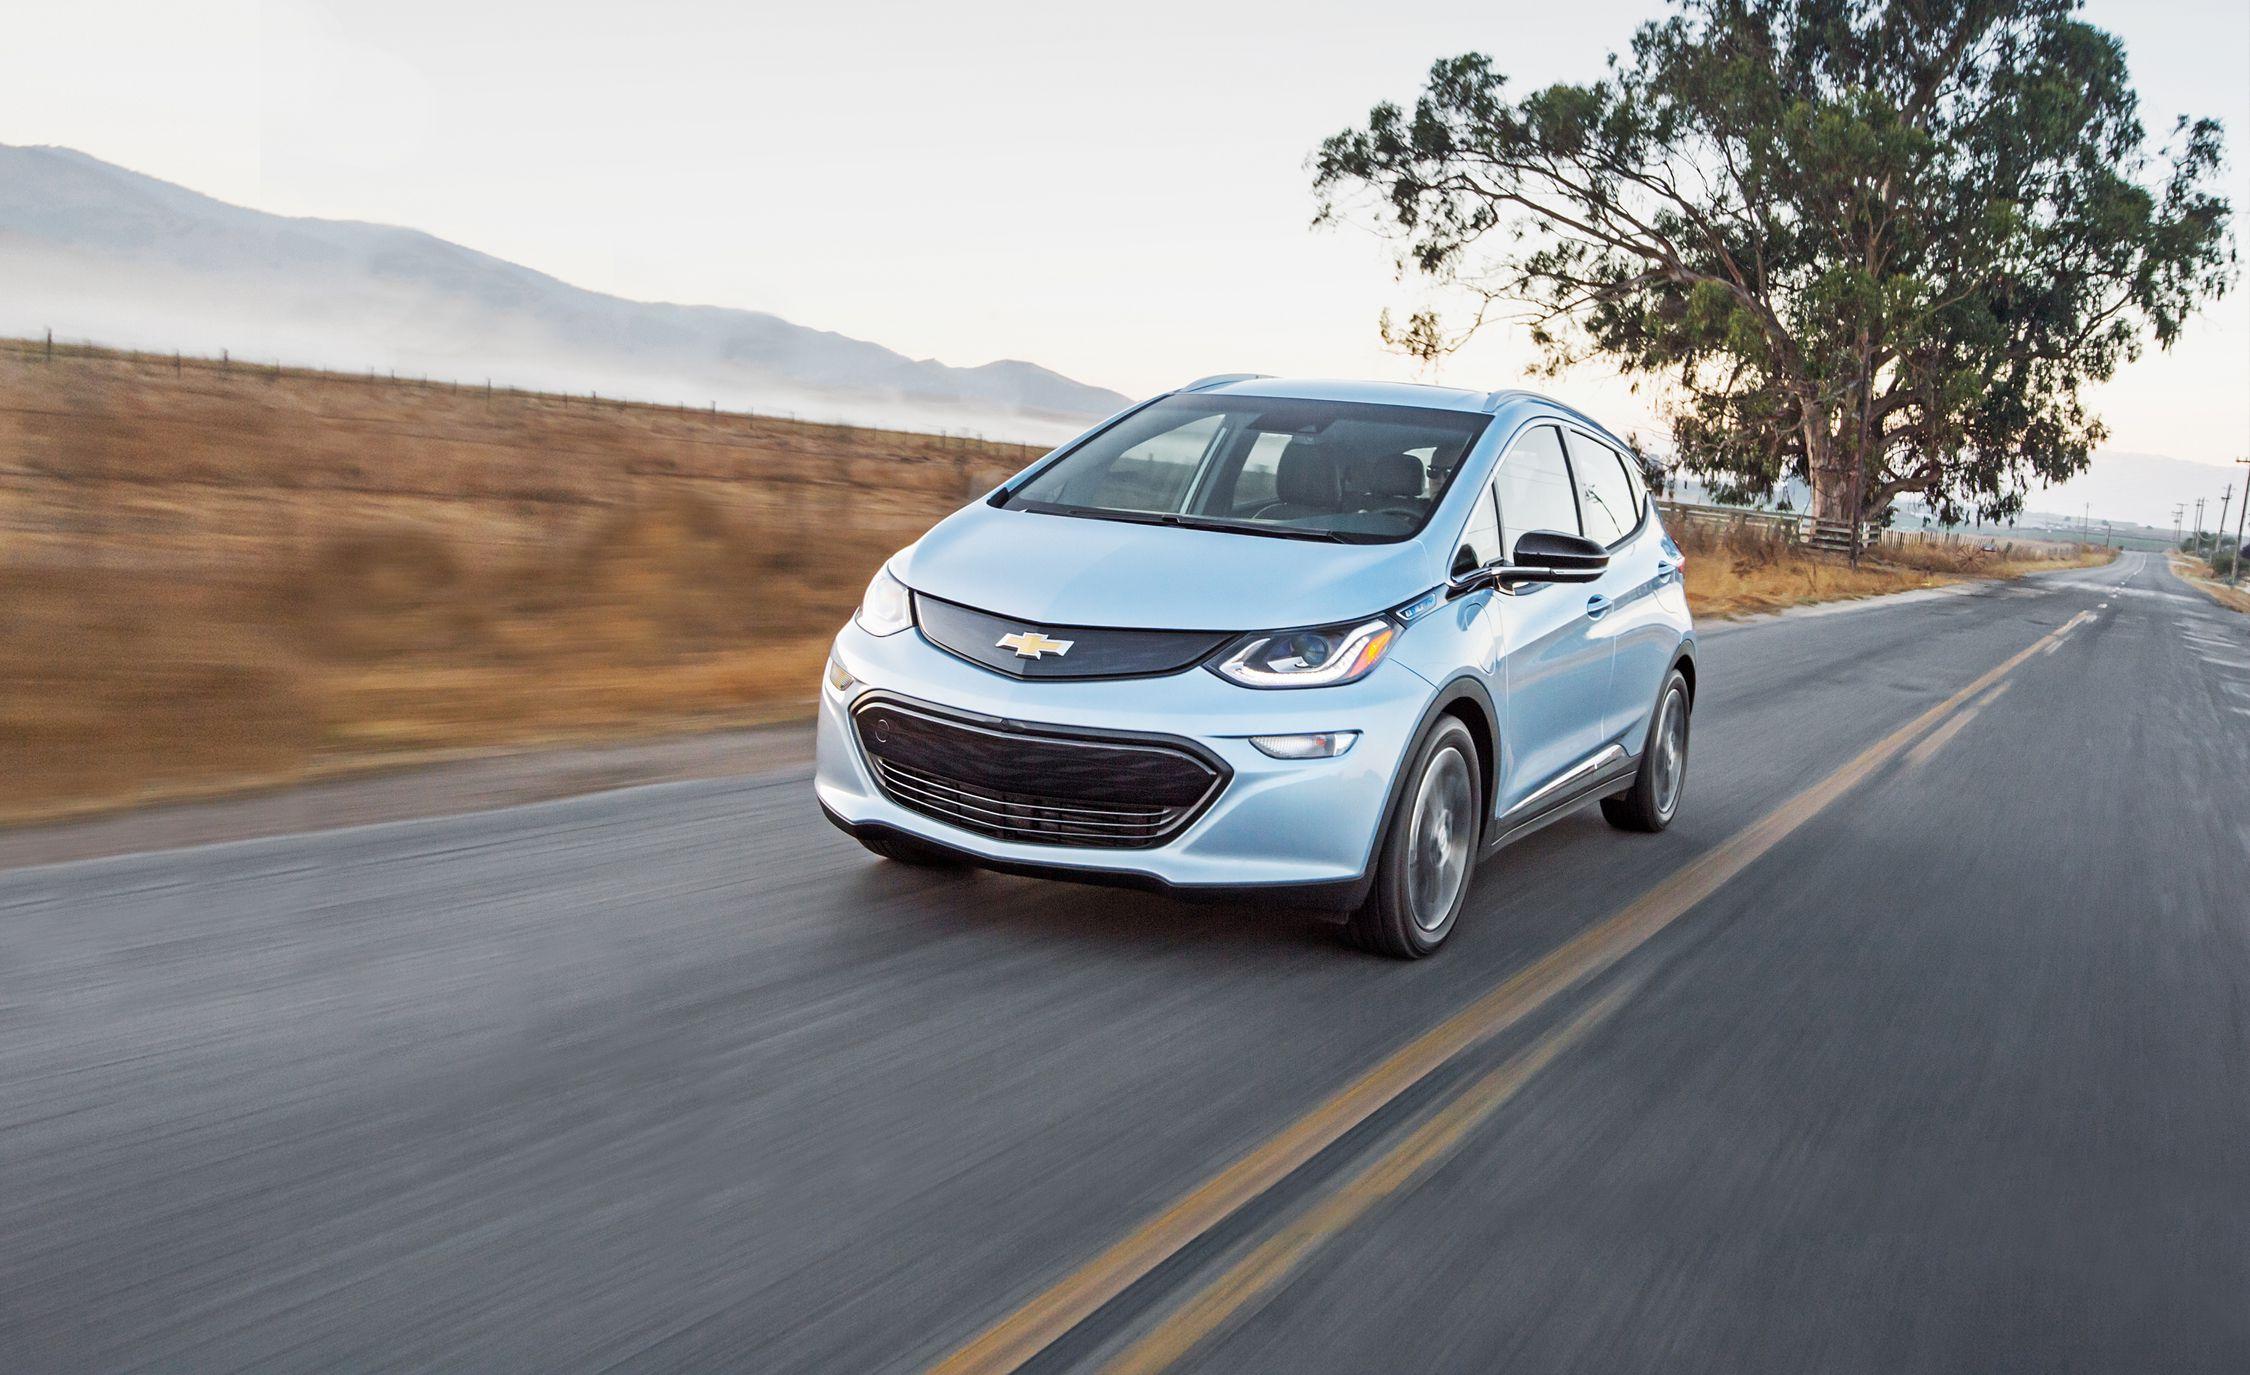 Los detalles de los dos nuevos vehículos eléctricos que llegan a Sudamérica | Garantia Plus